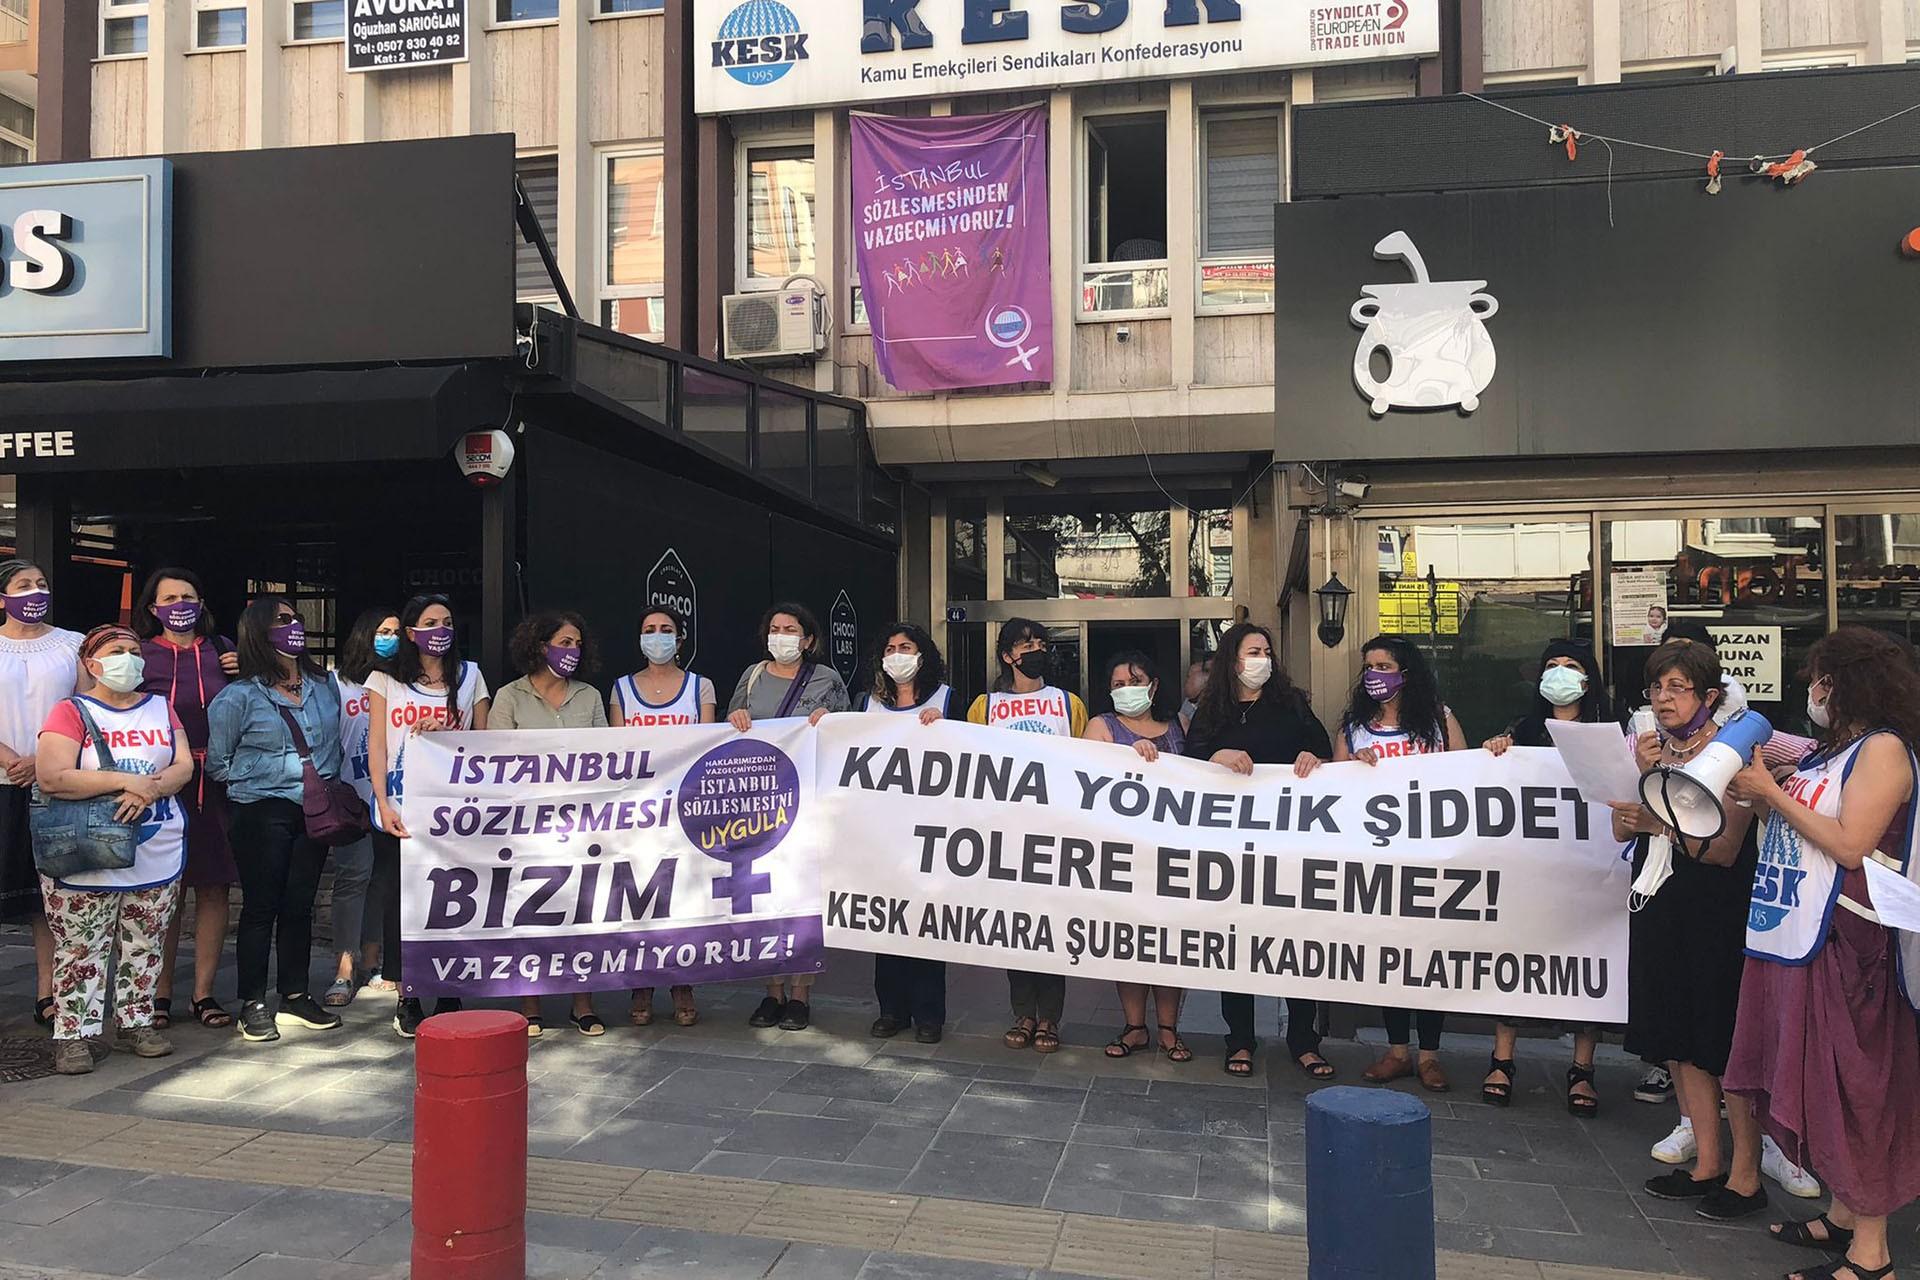 KESK Ankara Şubeleri Kadın Platformu açıklama yaptı